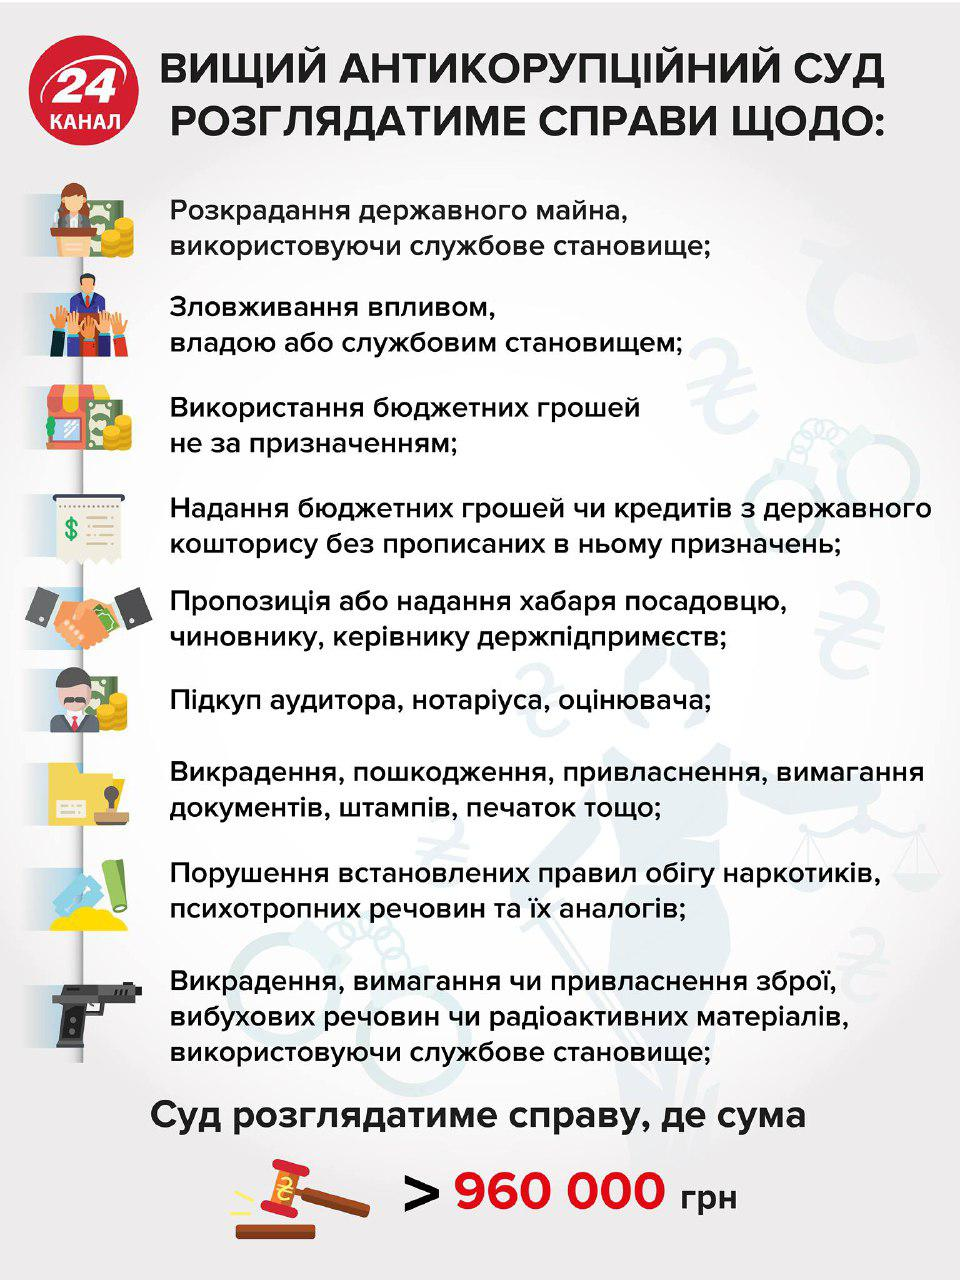 photo_2019-09-05_11-41-27 Відсьогодні запрацював Антикорупційний суд України: які функції